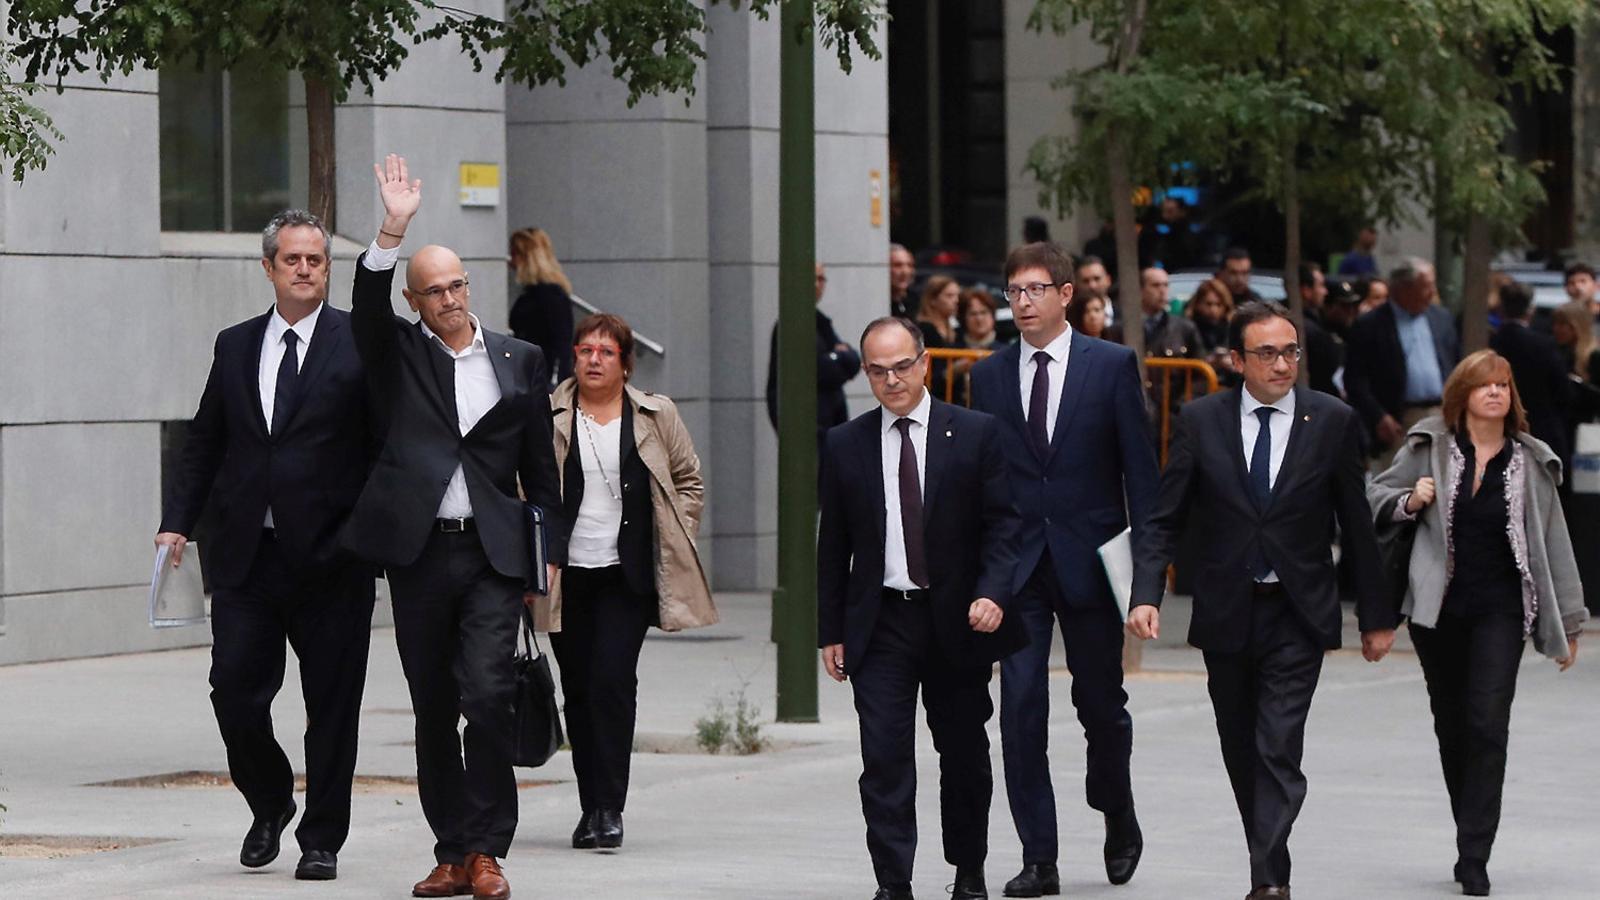 Membres del Govern el 2 d'octubre passat a les portes de l'Audiència Nacional.